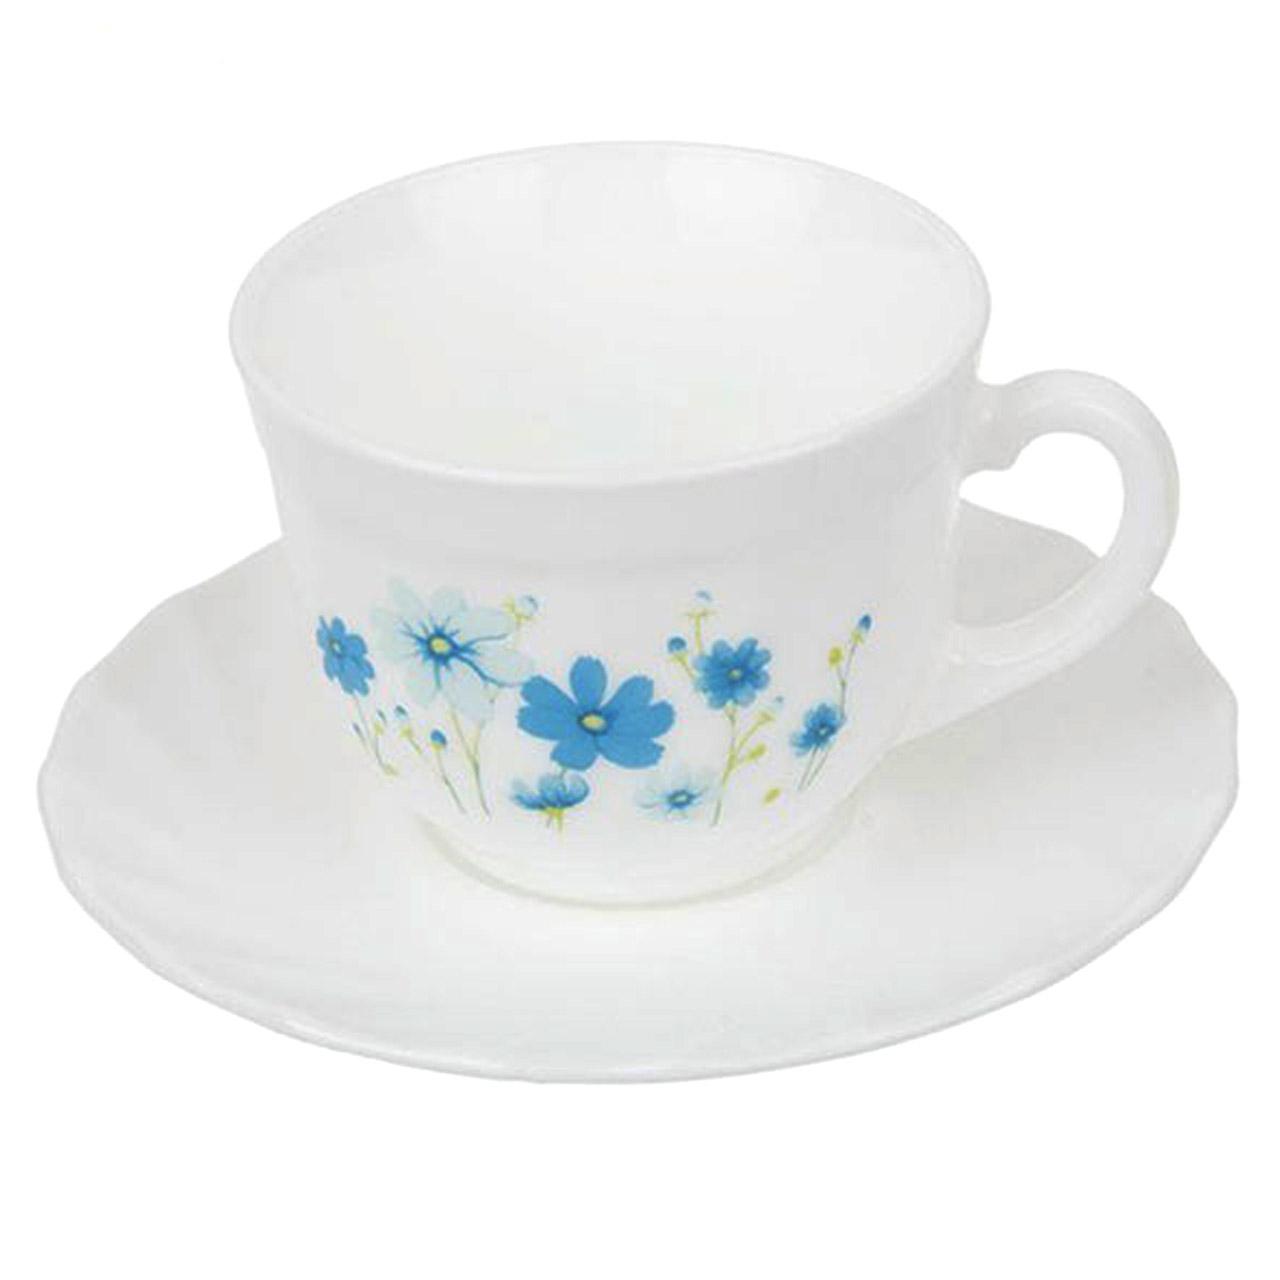 سرویس چای خوری 12 پارچه لومینارک مدل کانتری فلوور